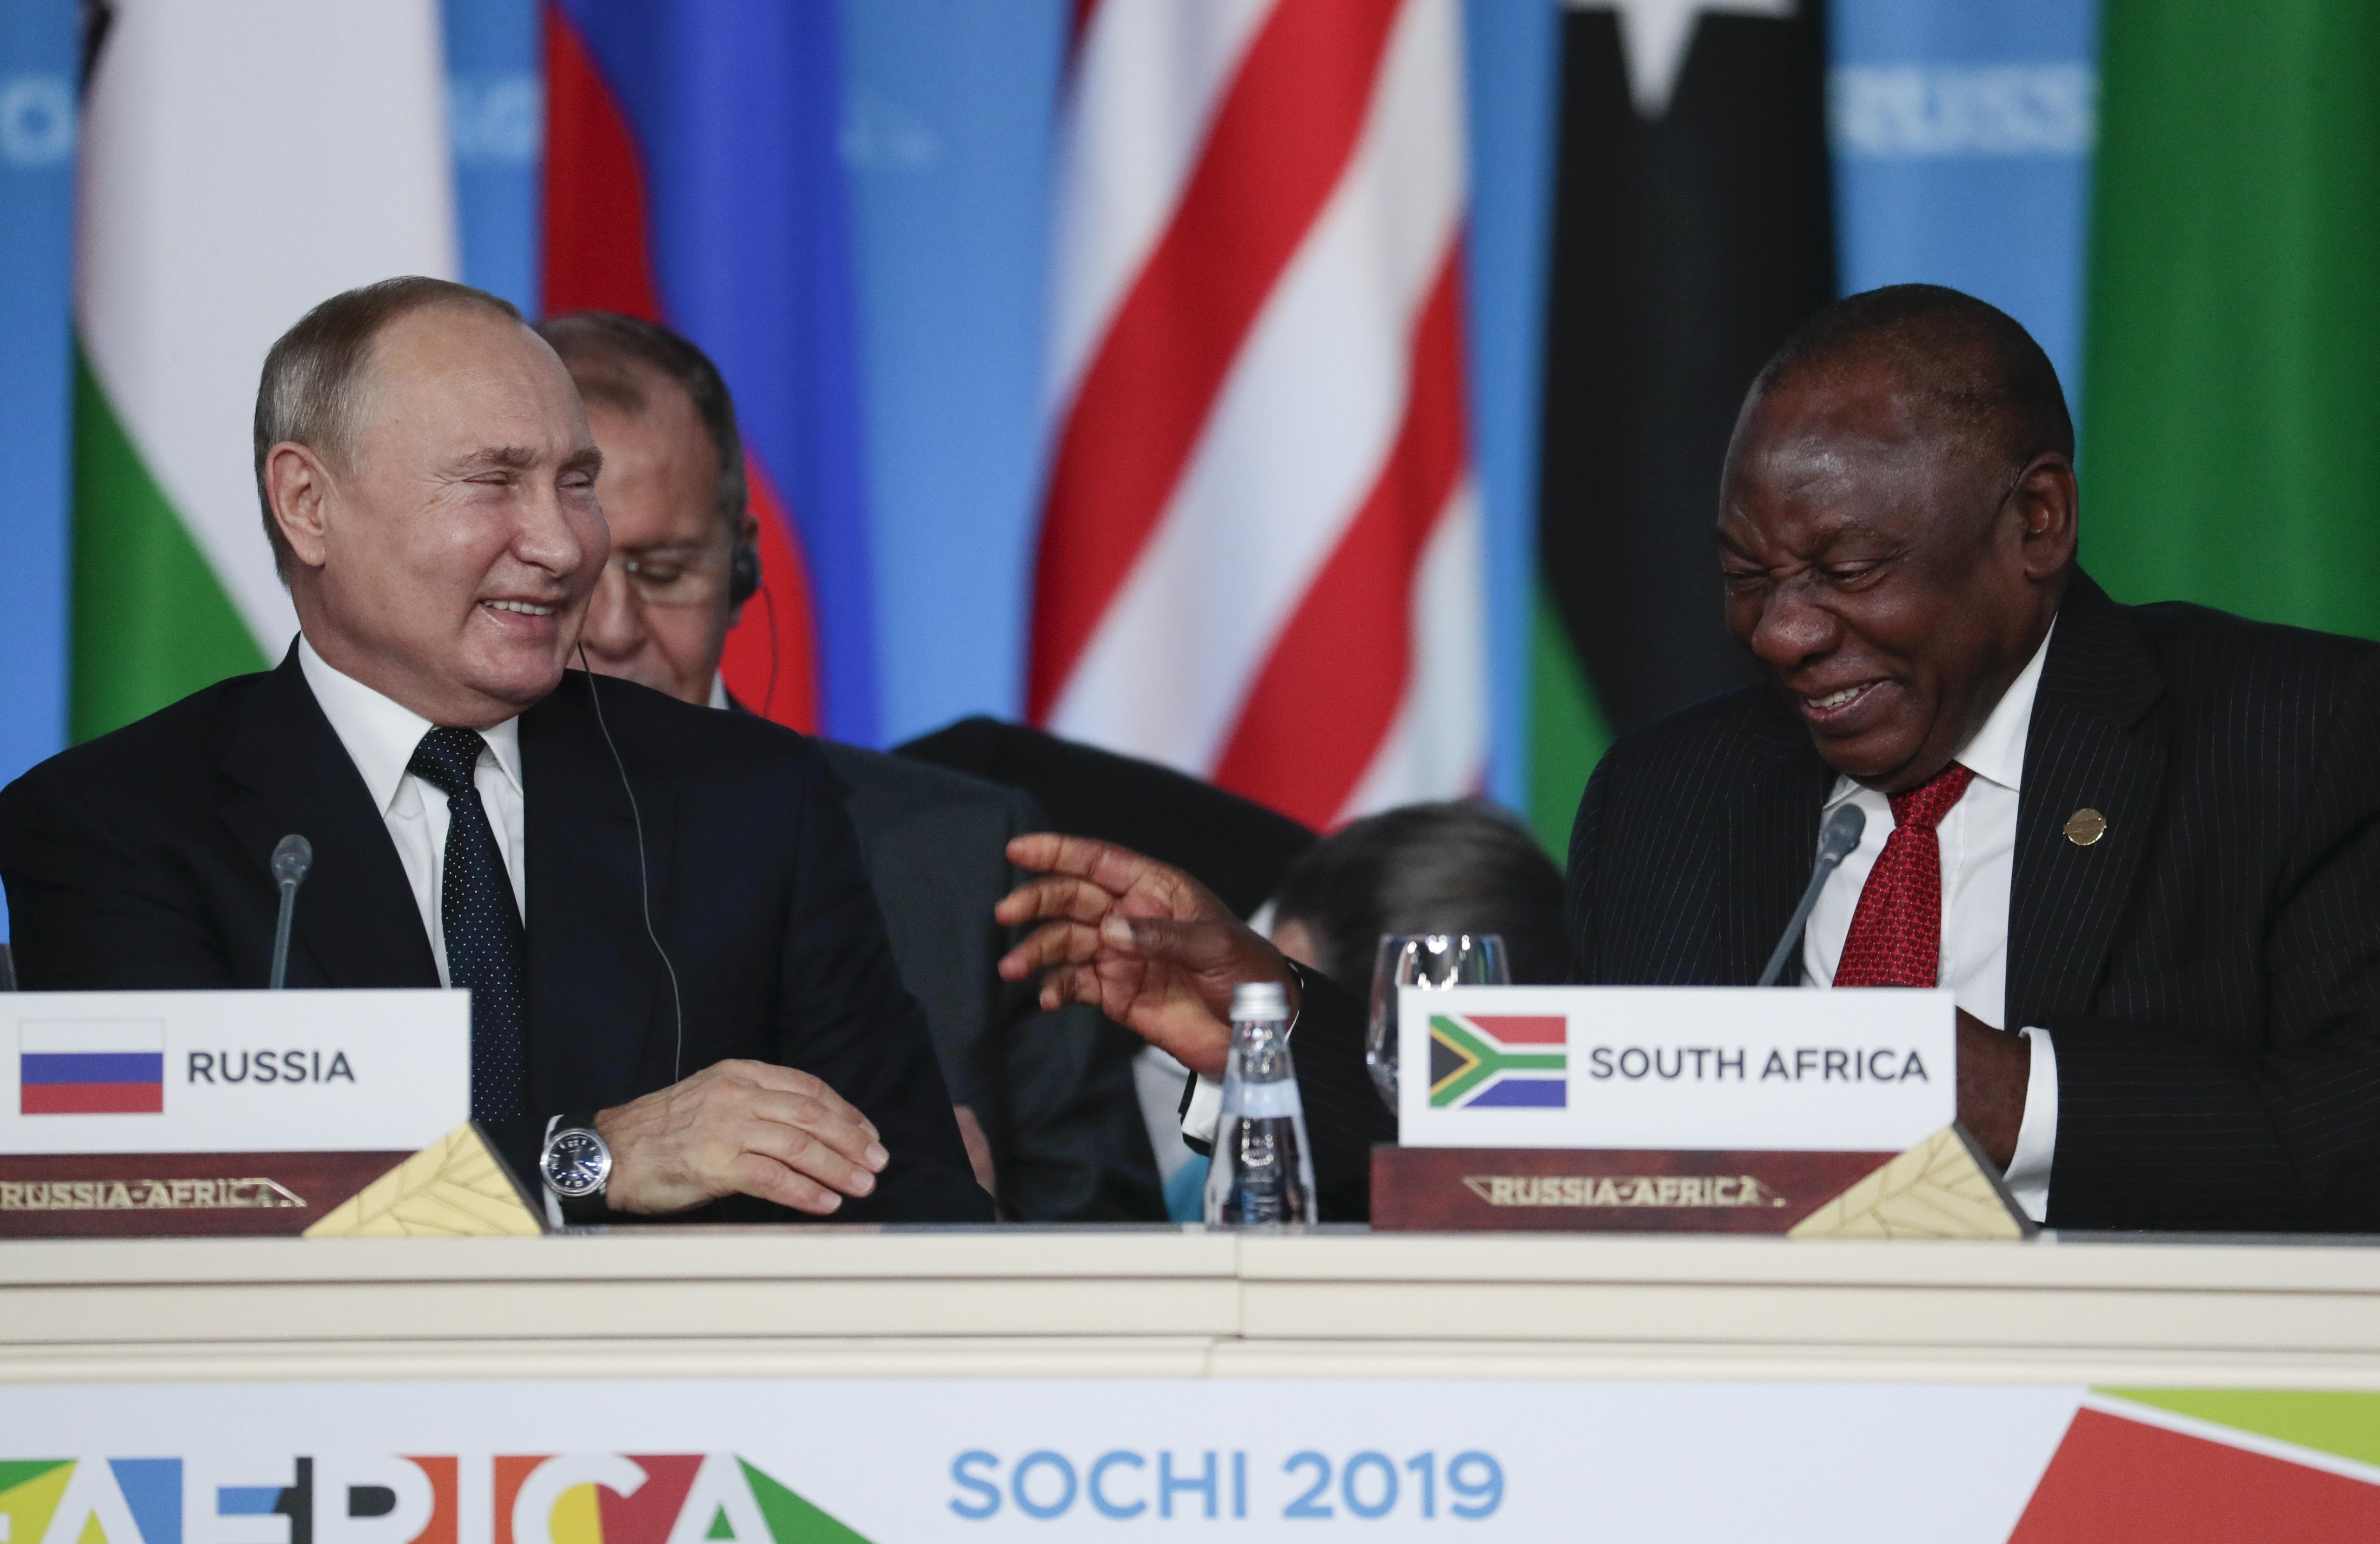 Vladimir Poutine et le président sud-africain Cyril Ramaphosa, le 24 octobre 2019.